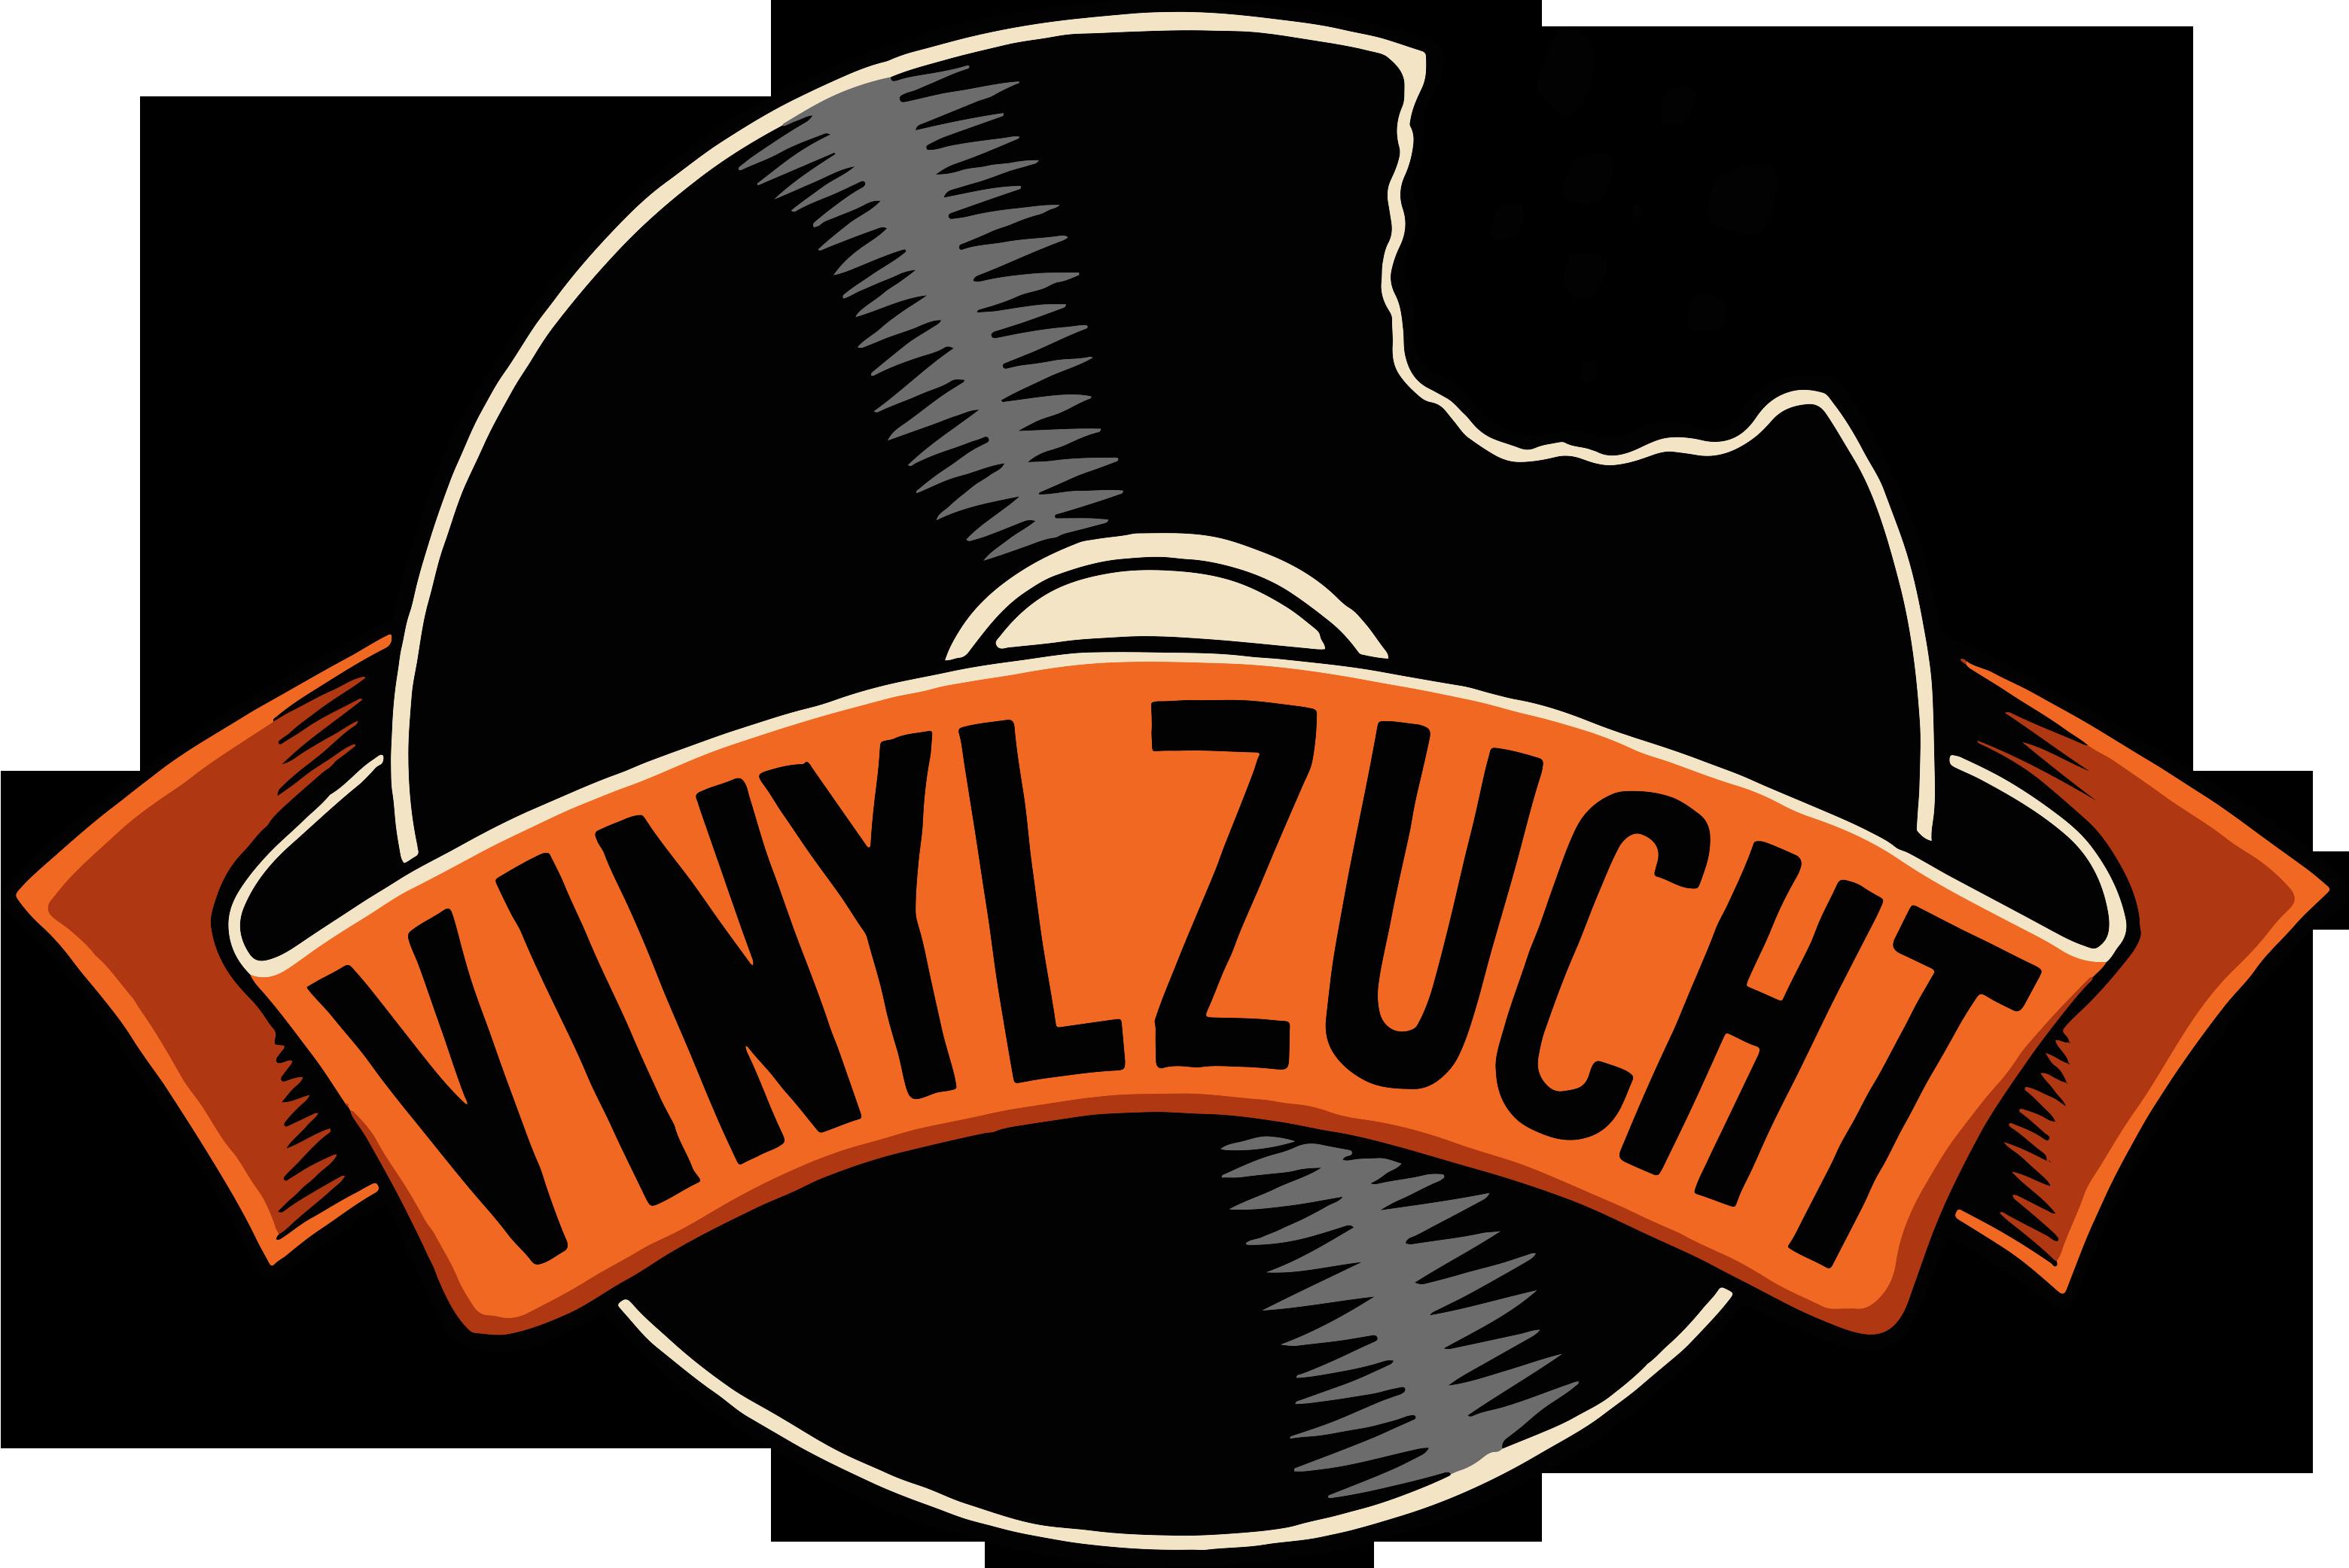 Vinylzucht logo